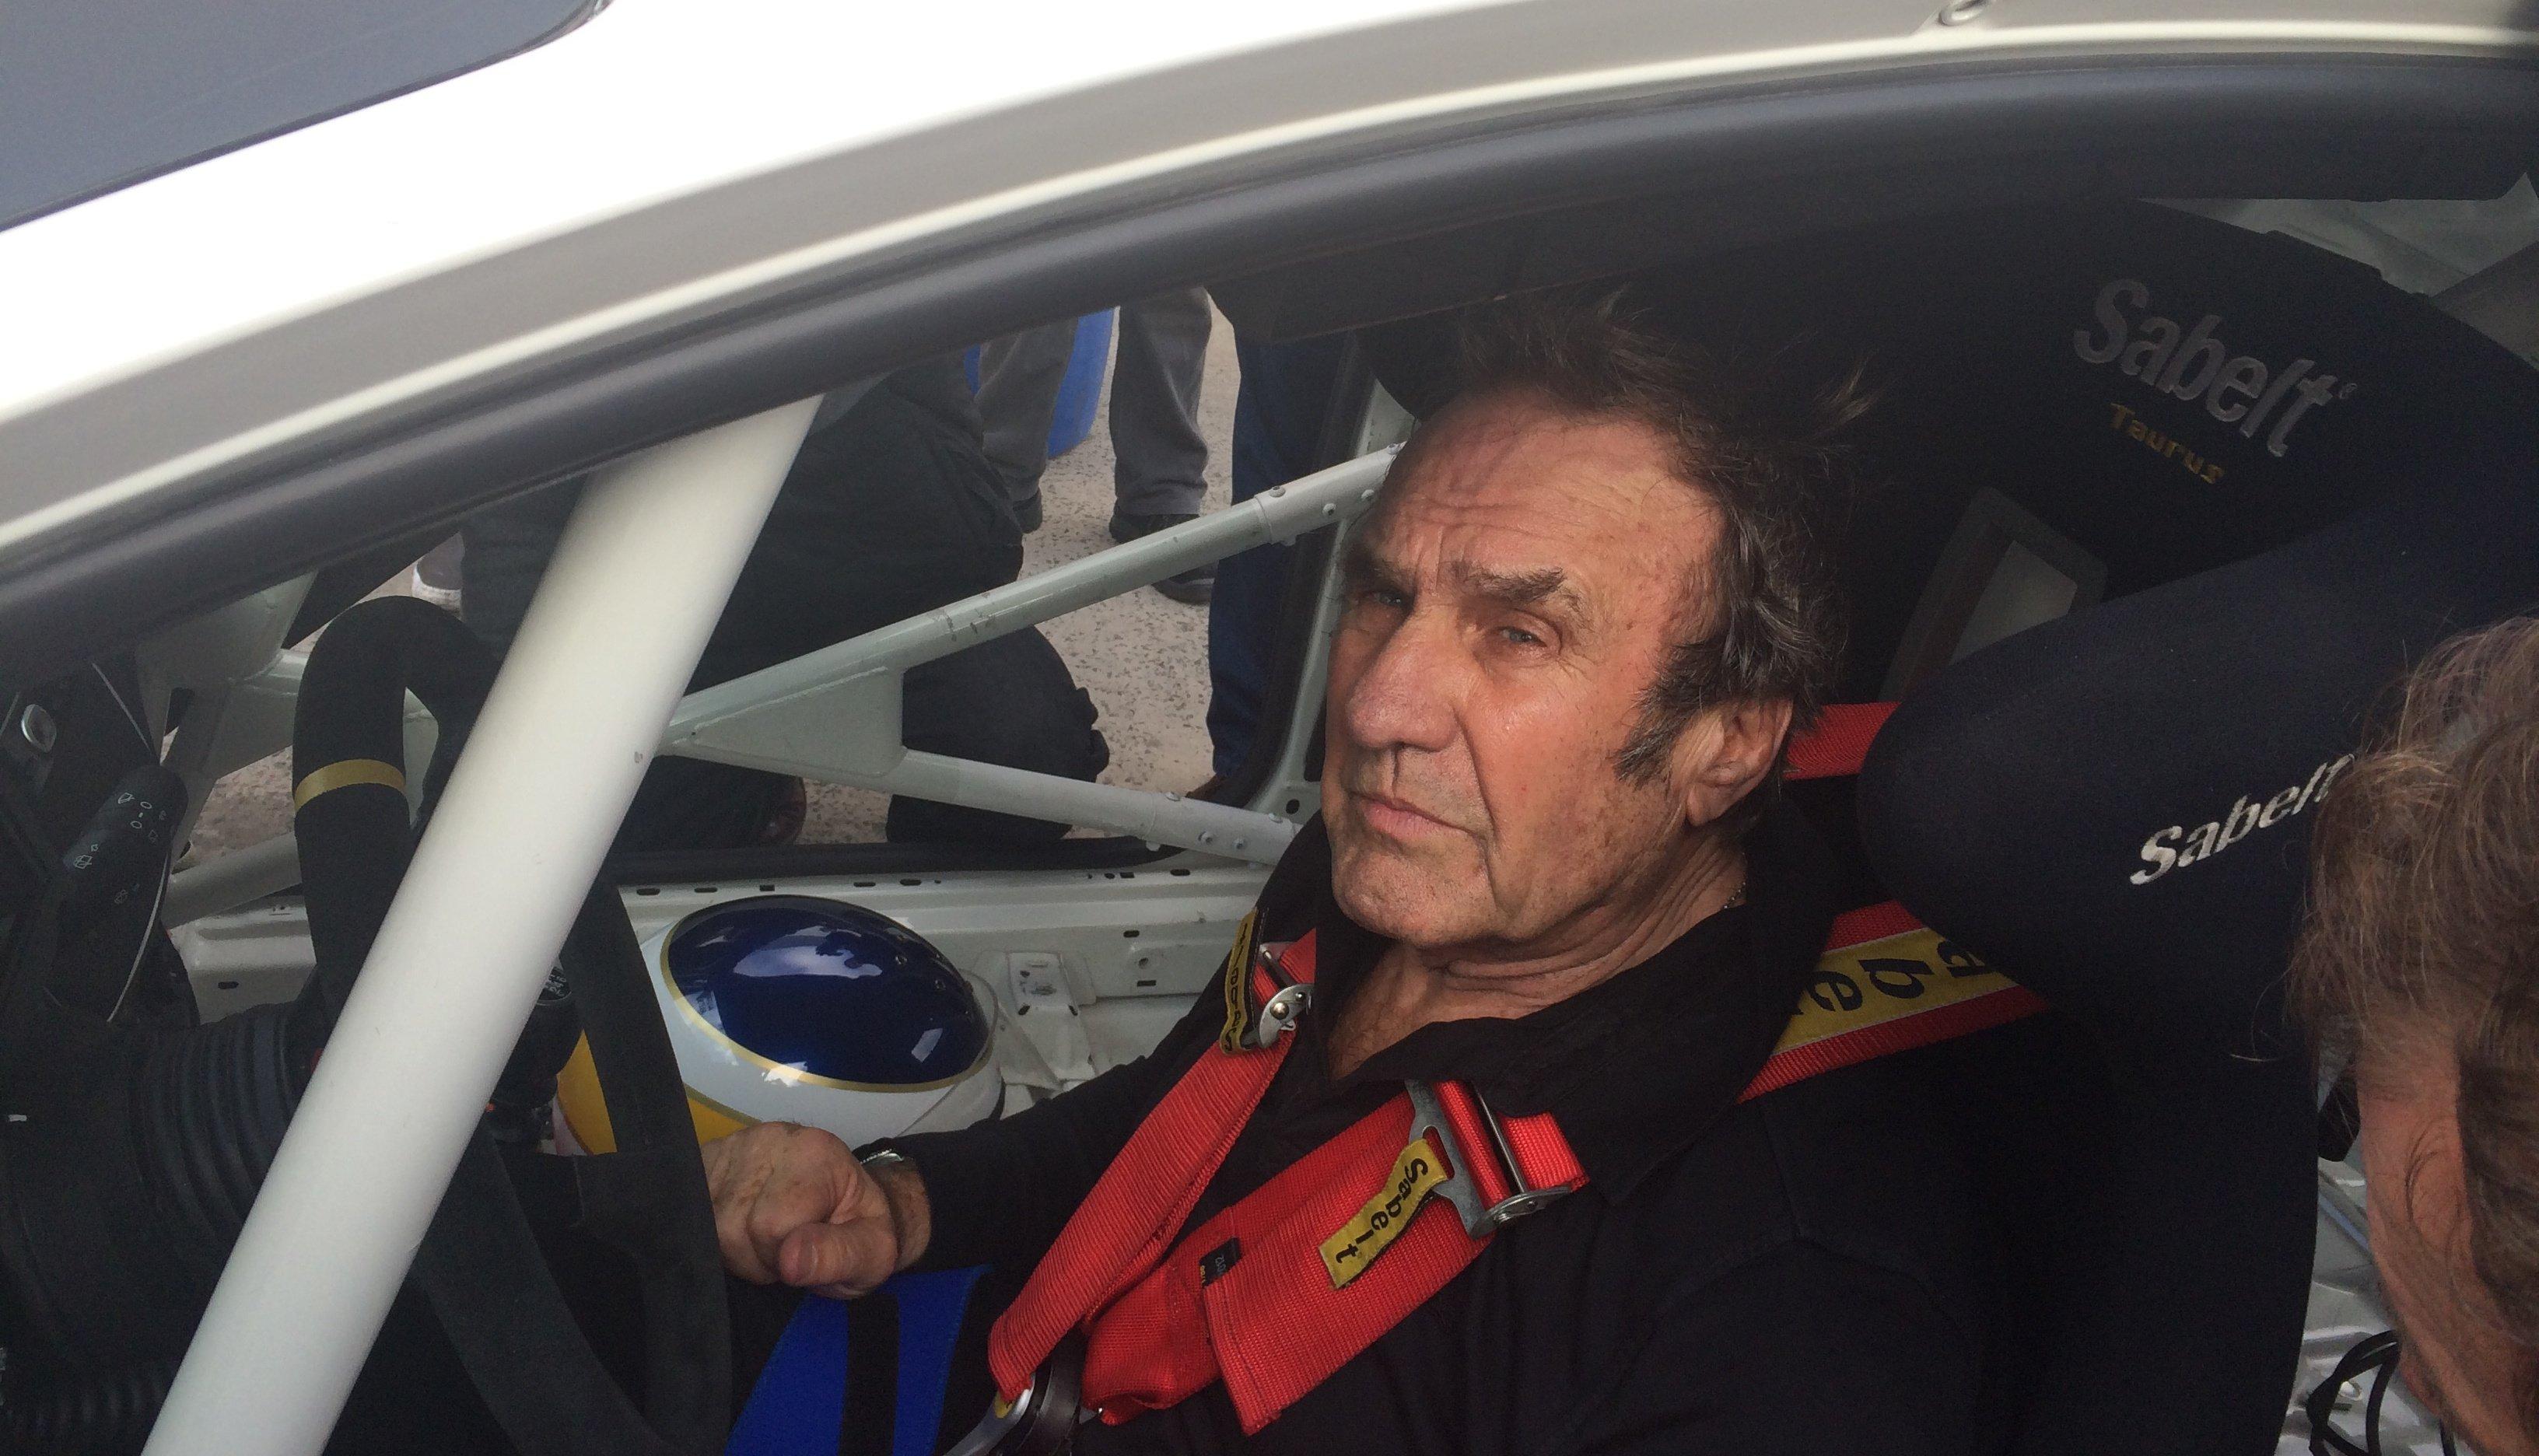 Después de 30 años, Reutemann volvió a las pistas